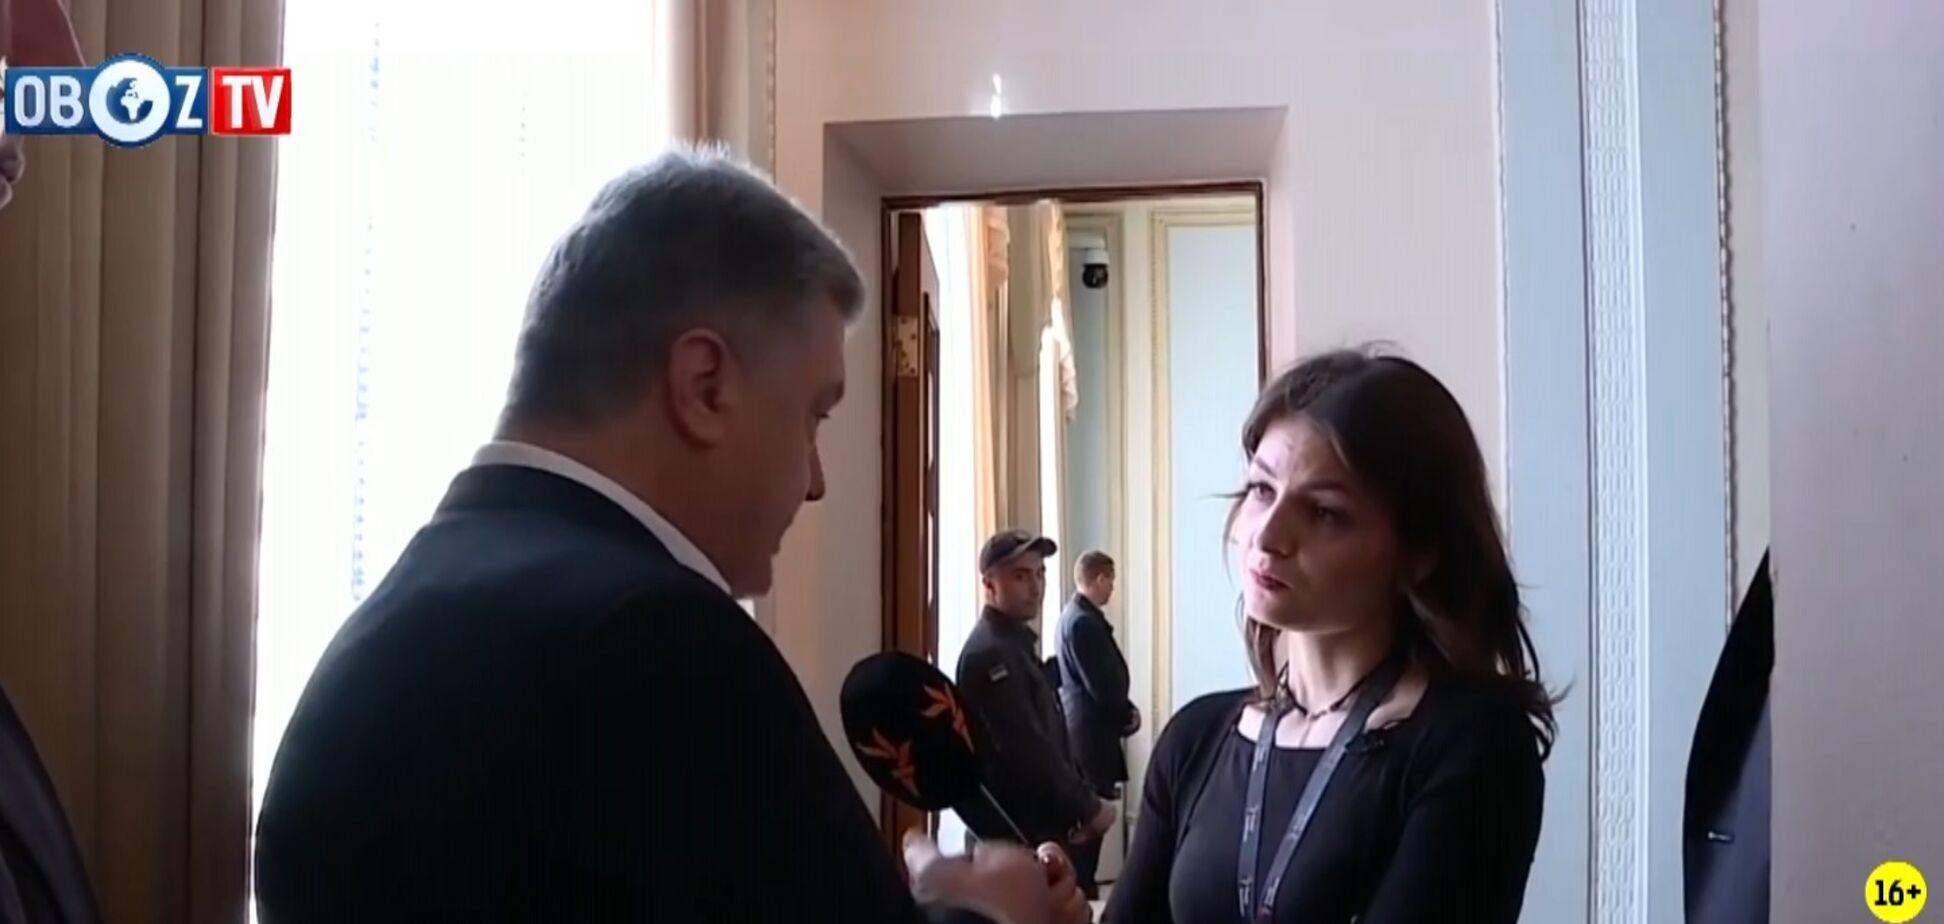 Скандал с сыном Порошенко и российским рэпером